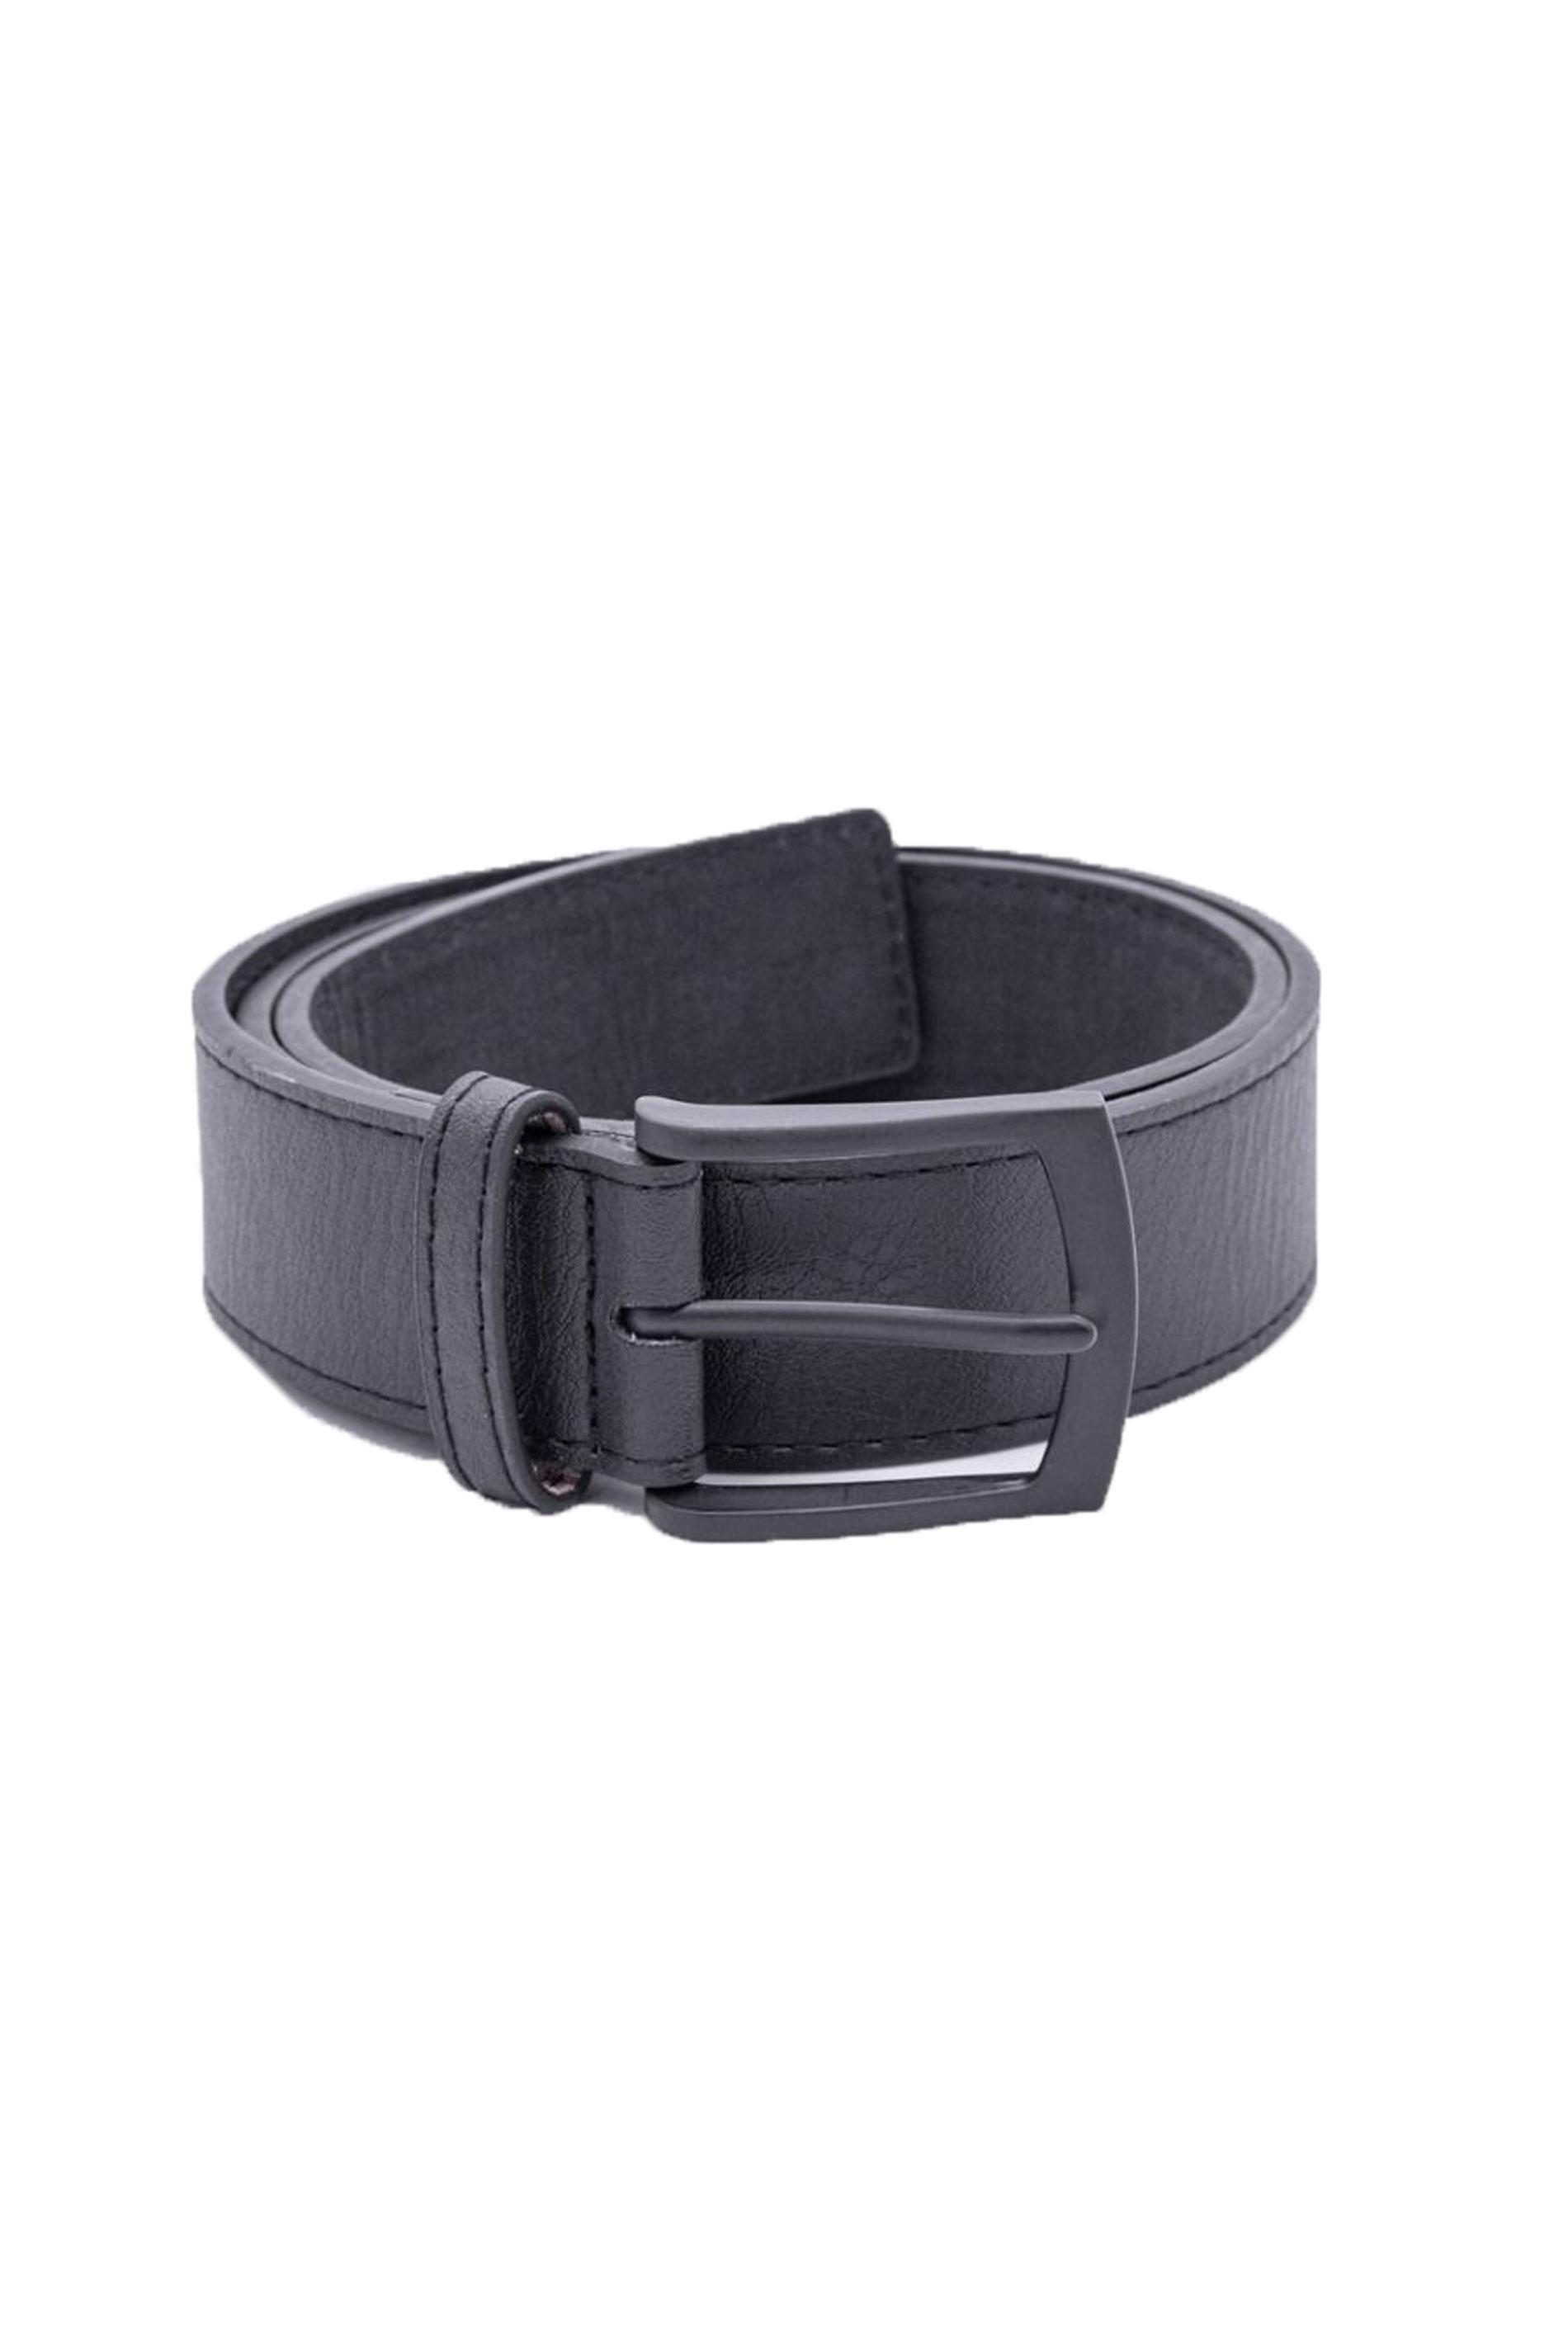 D555 Black Buckled Belt